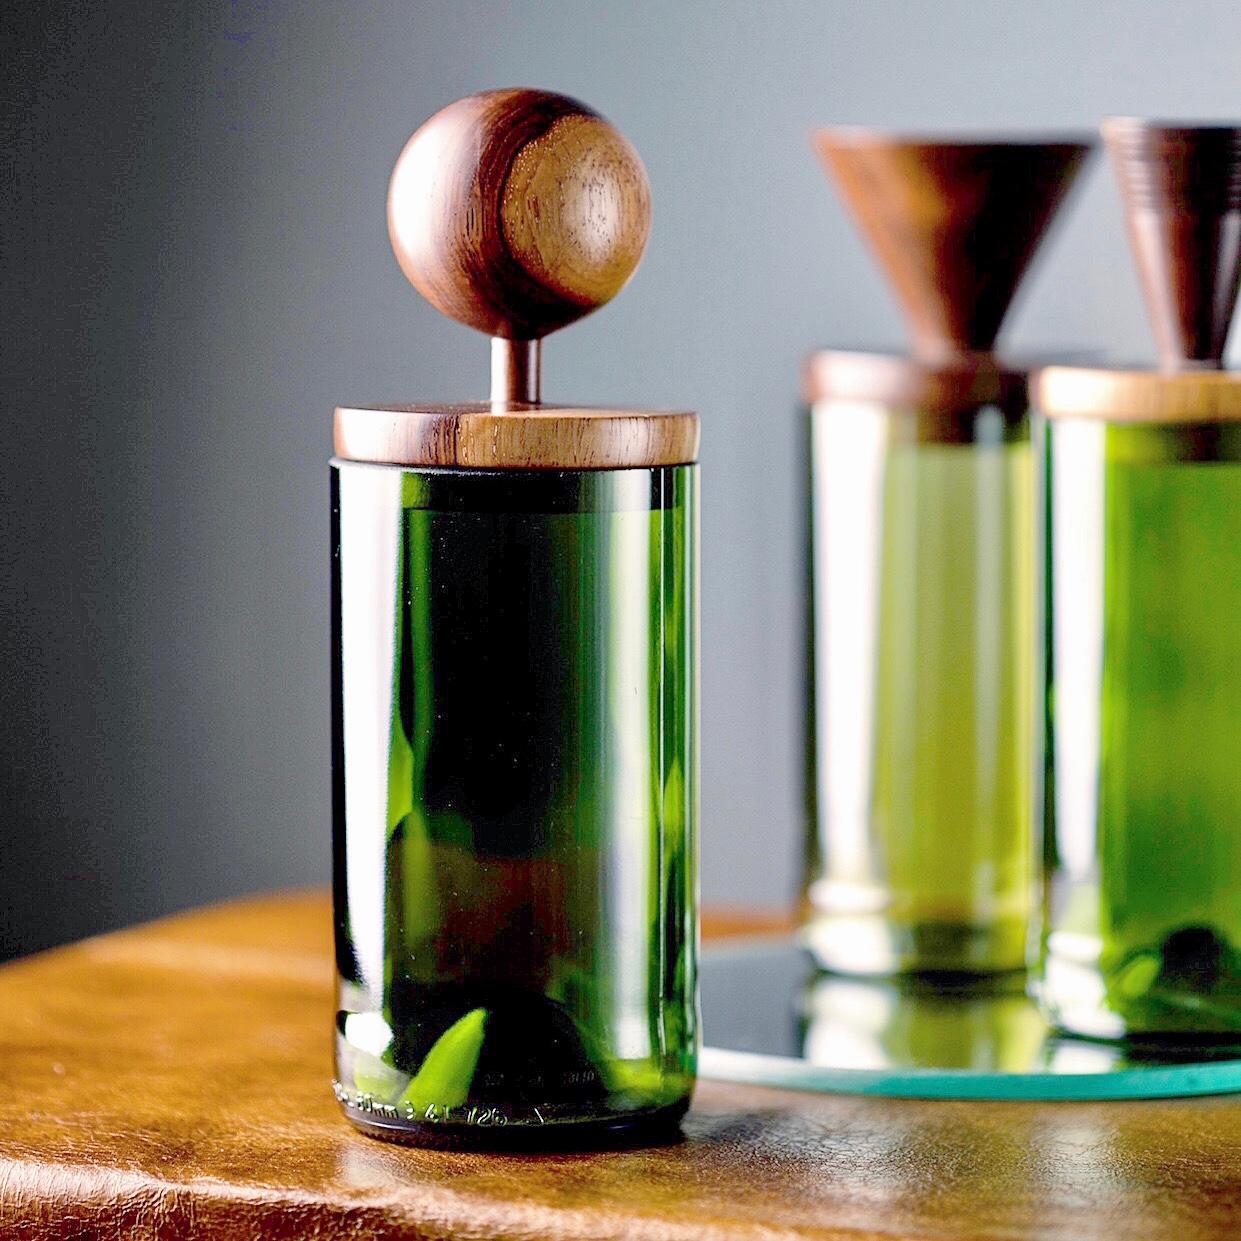 Blantyre Jars